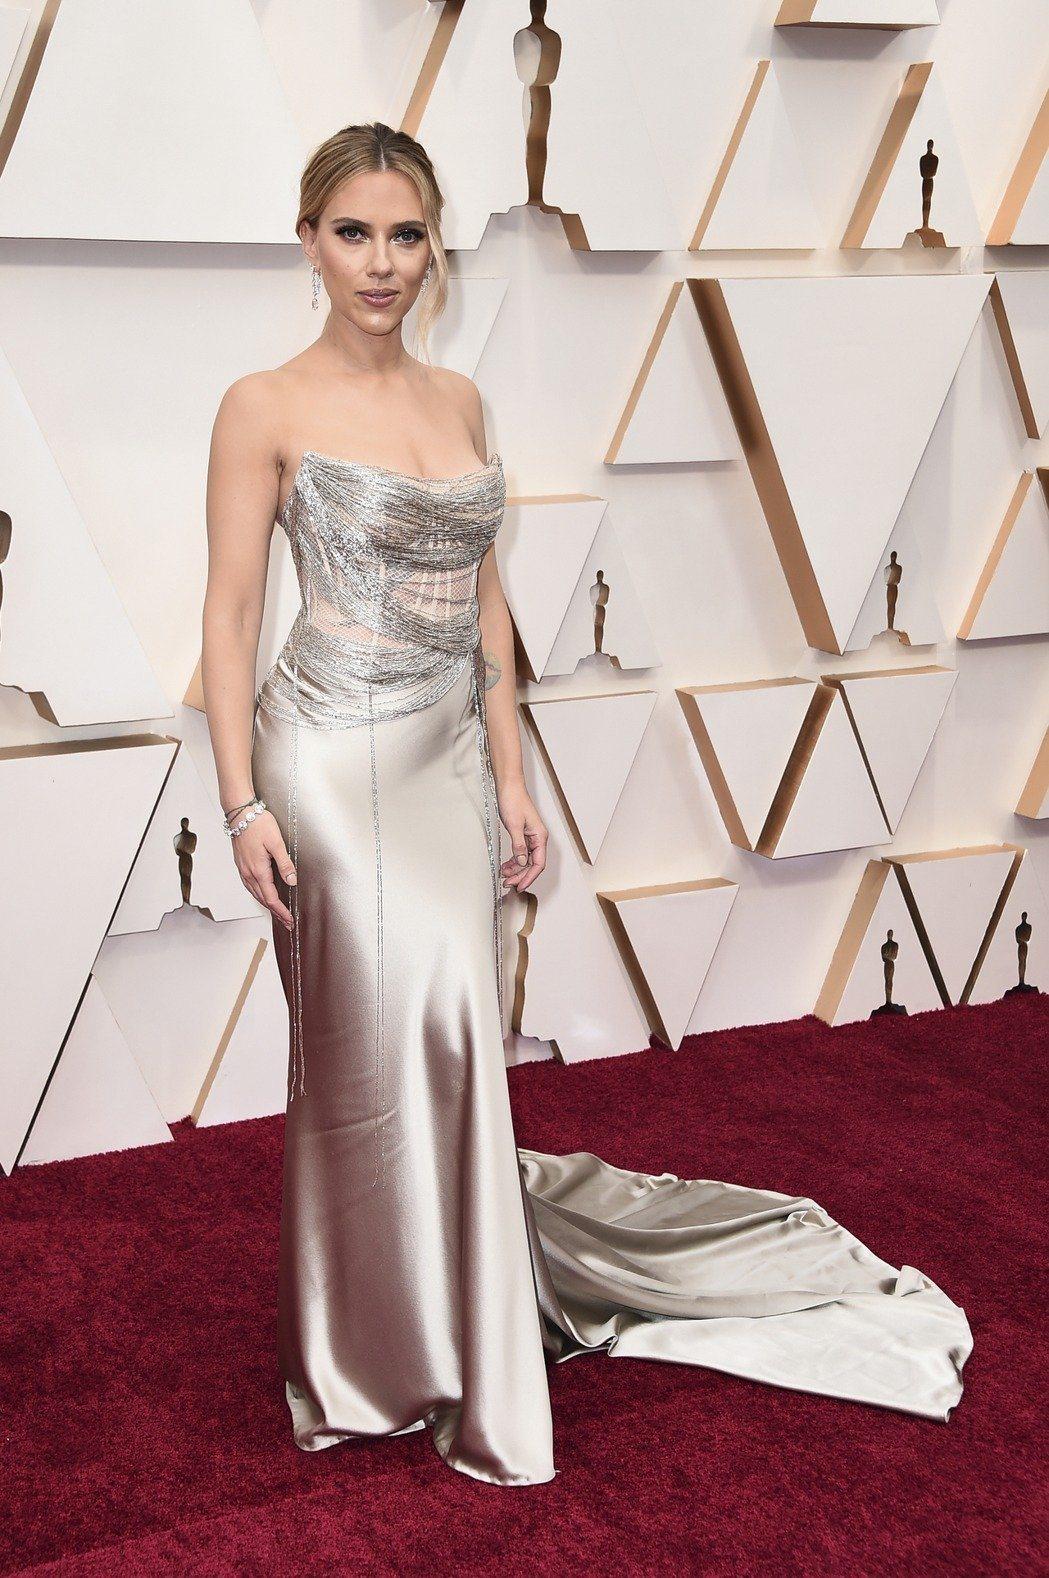 史嘉蕾喬韓森的Oscar de la Renta金色緞面禮服,以細線纏繞的設計呈